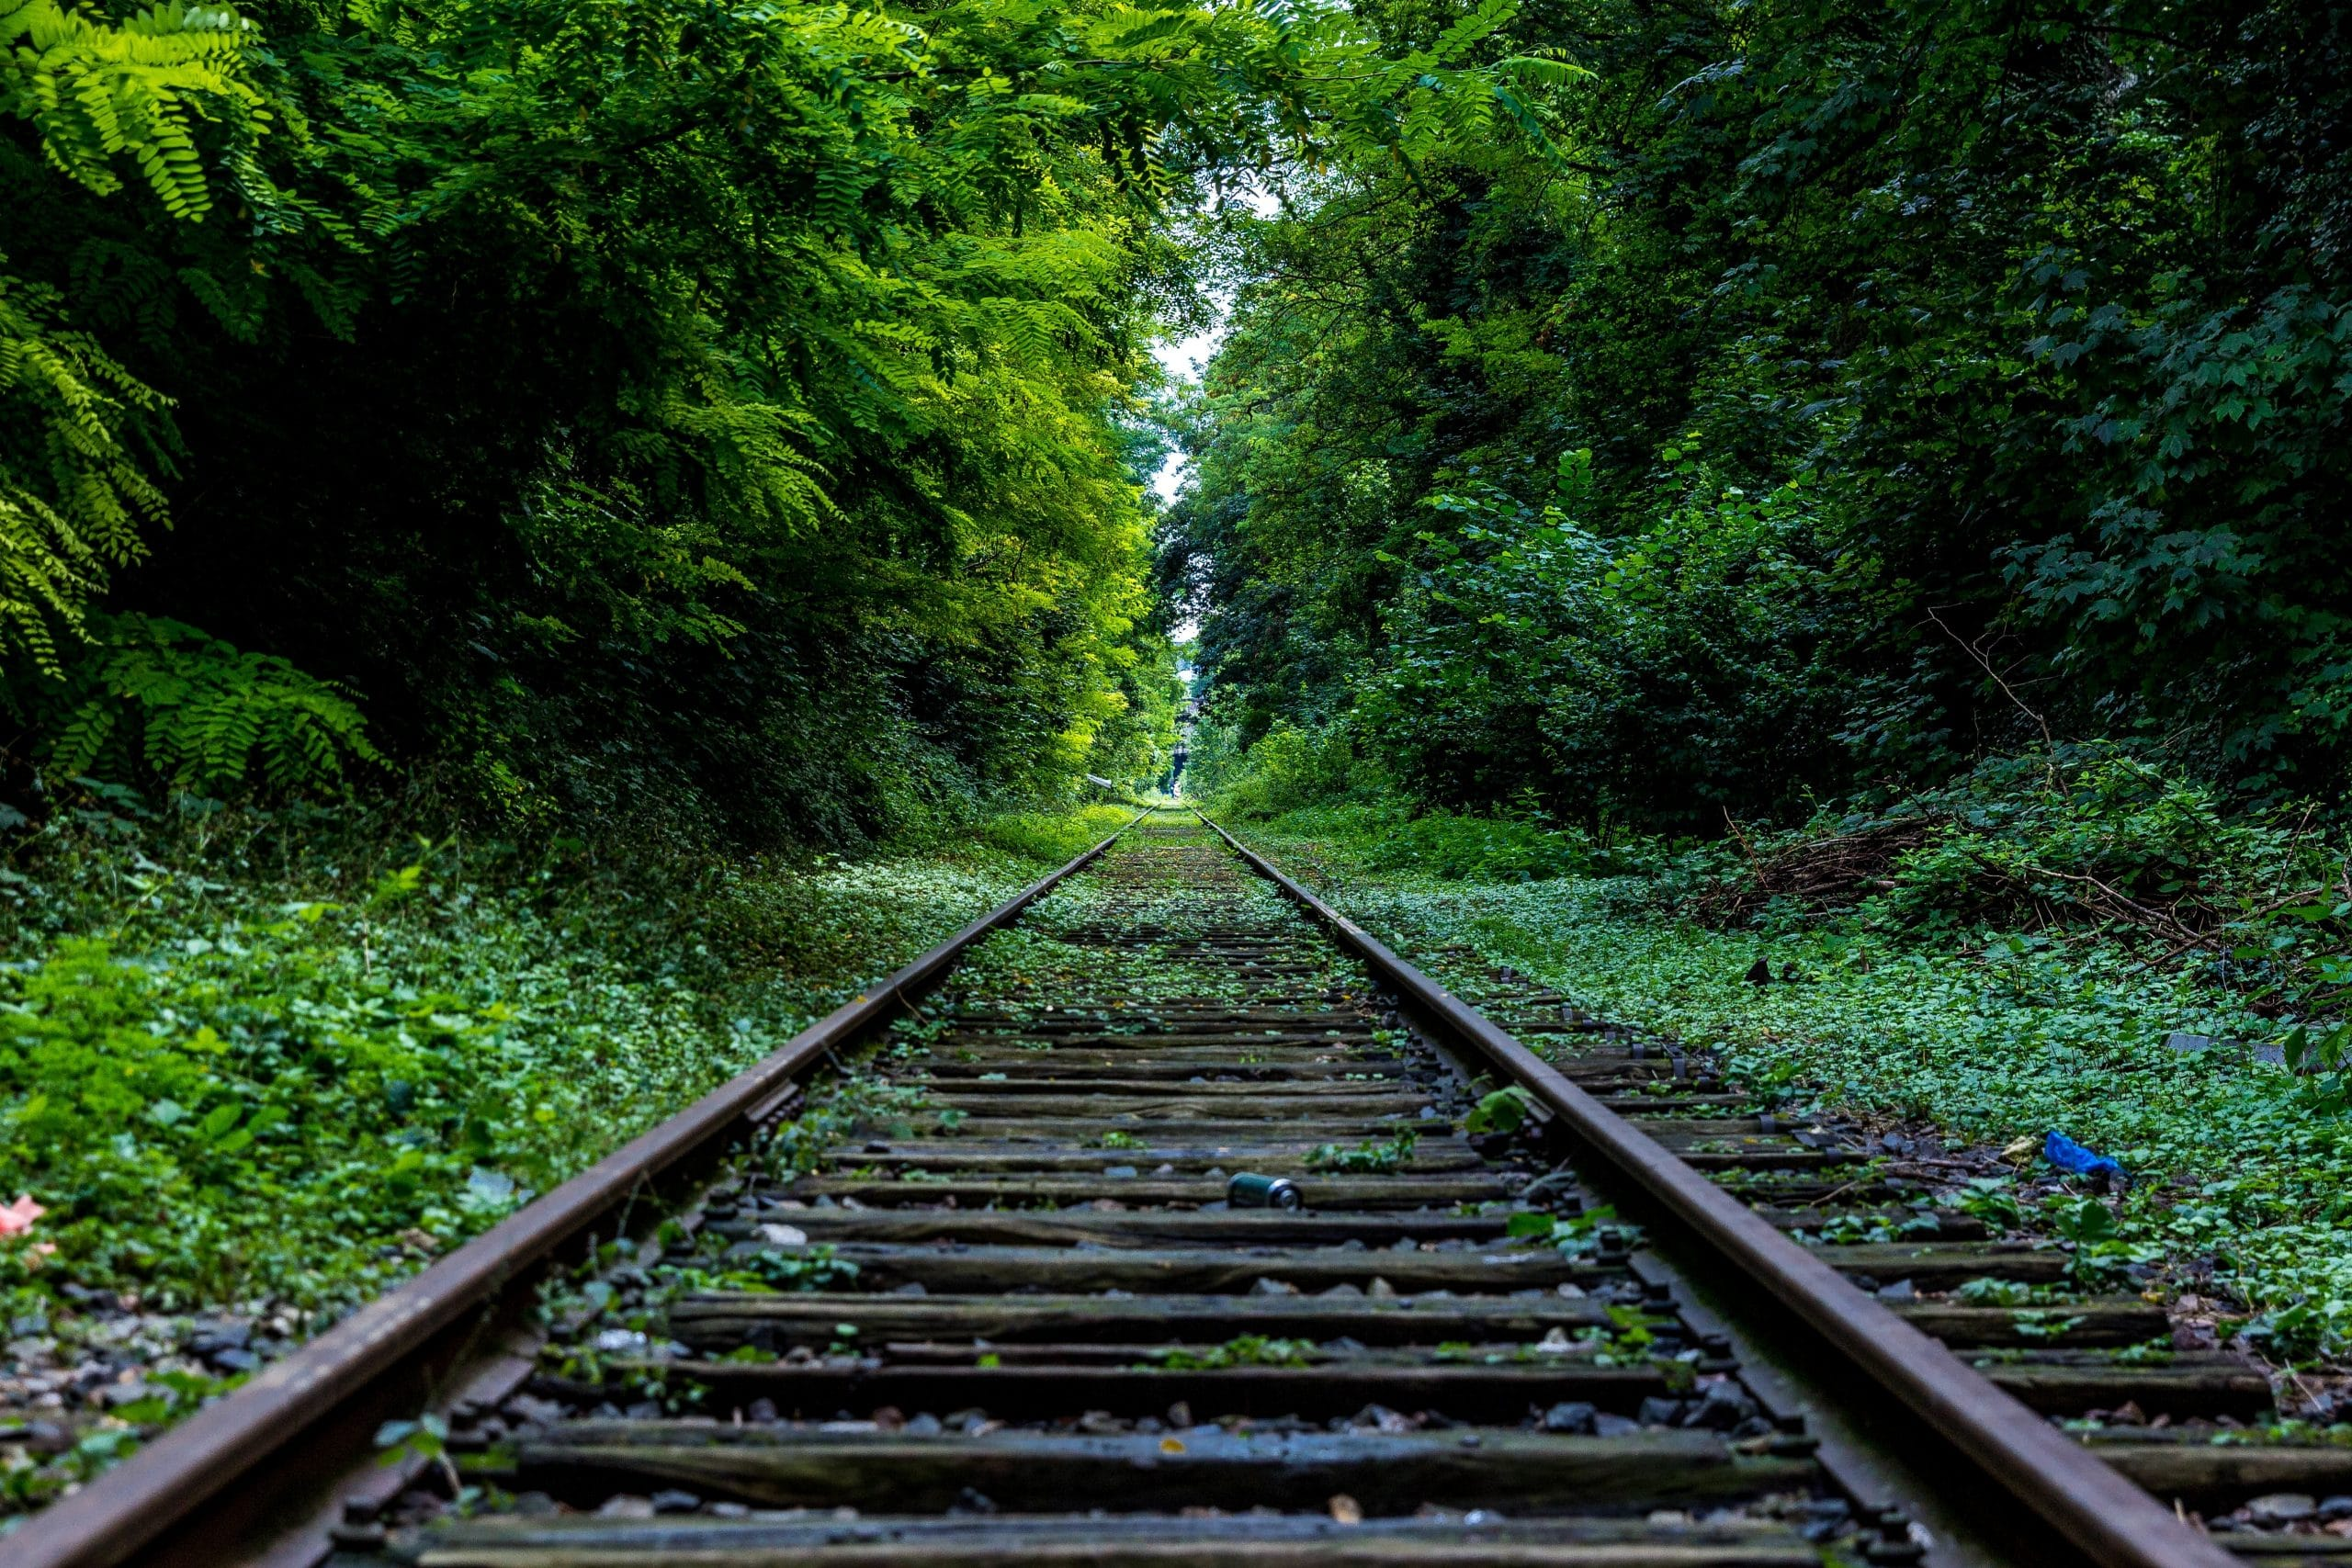 Trilho de trem no meio do mato